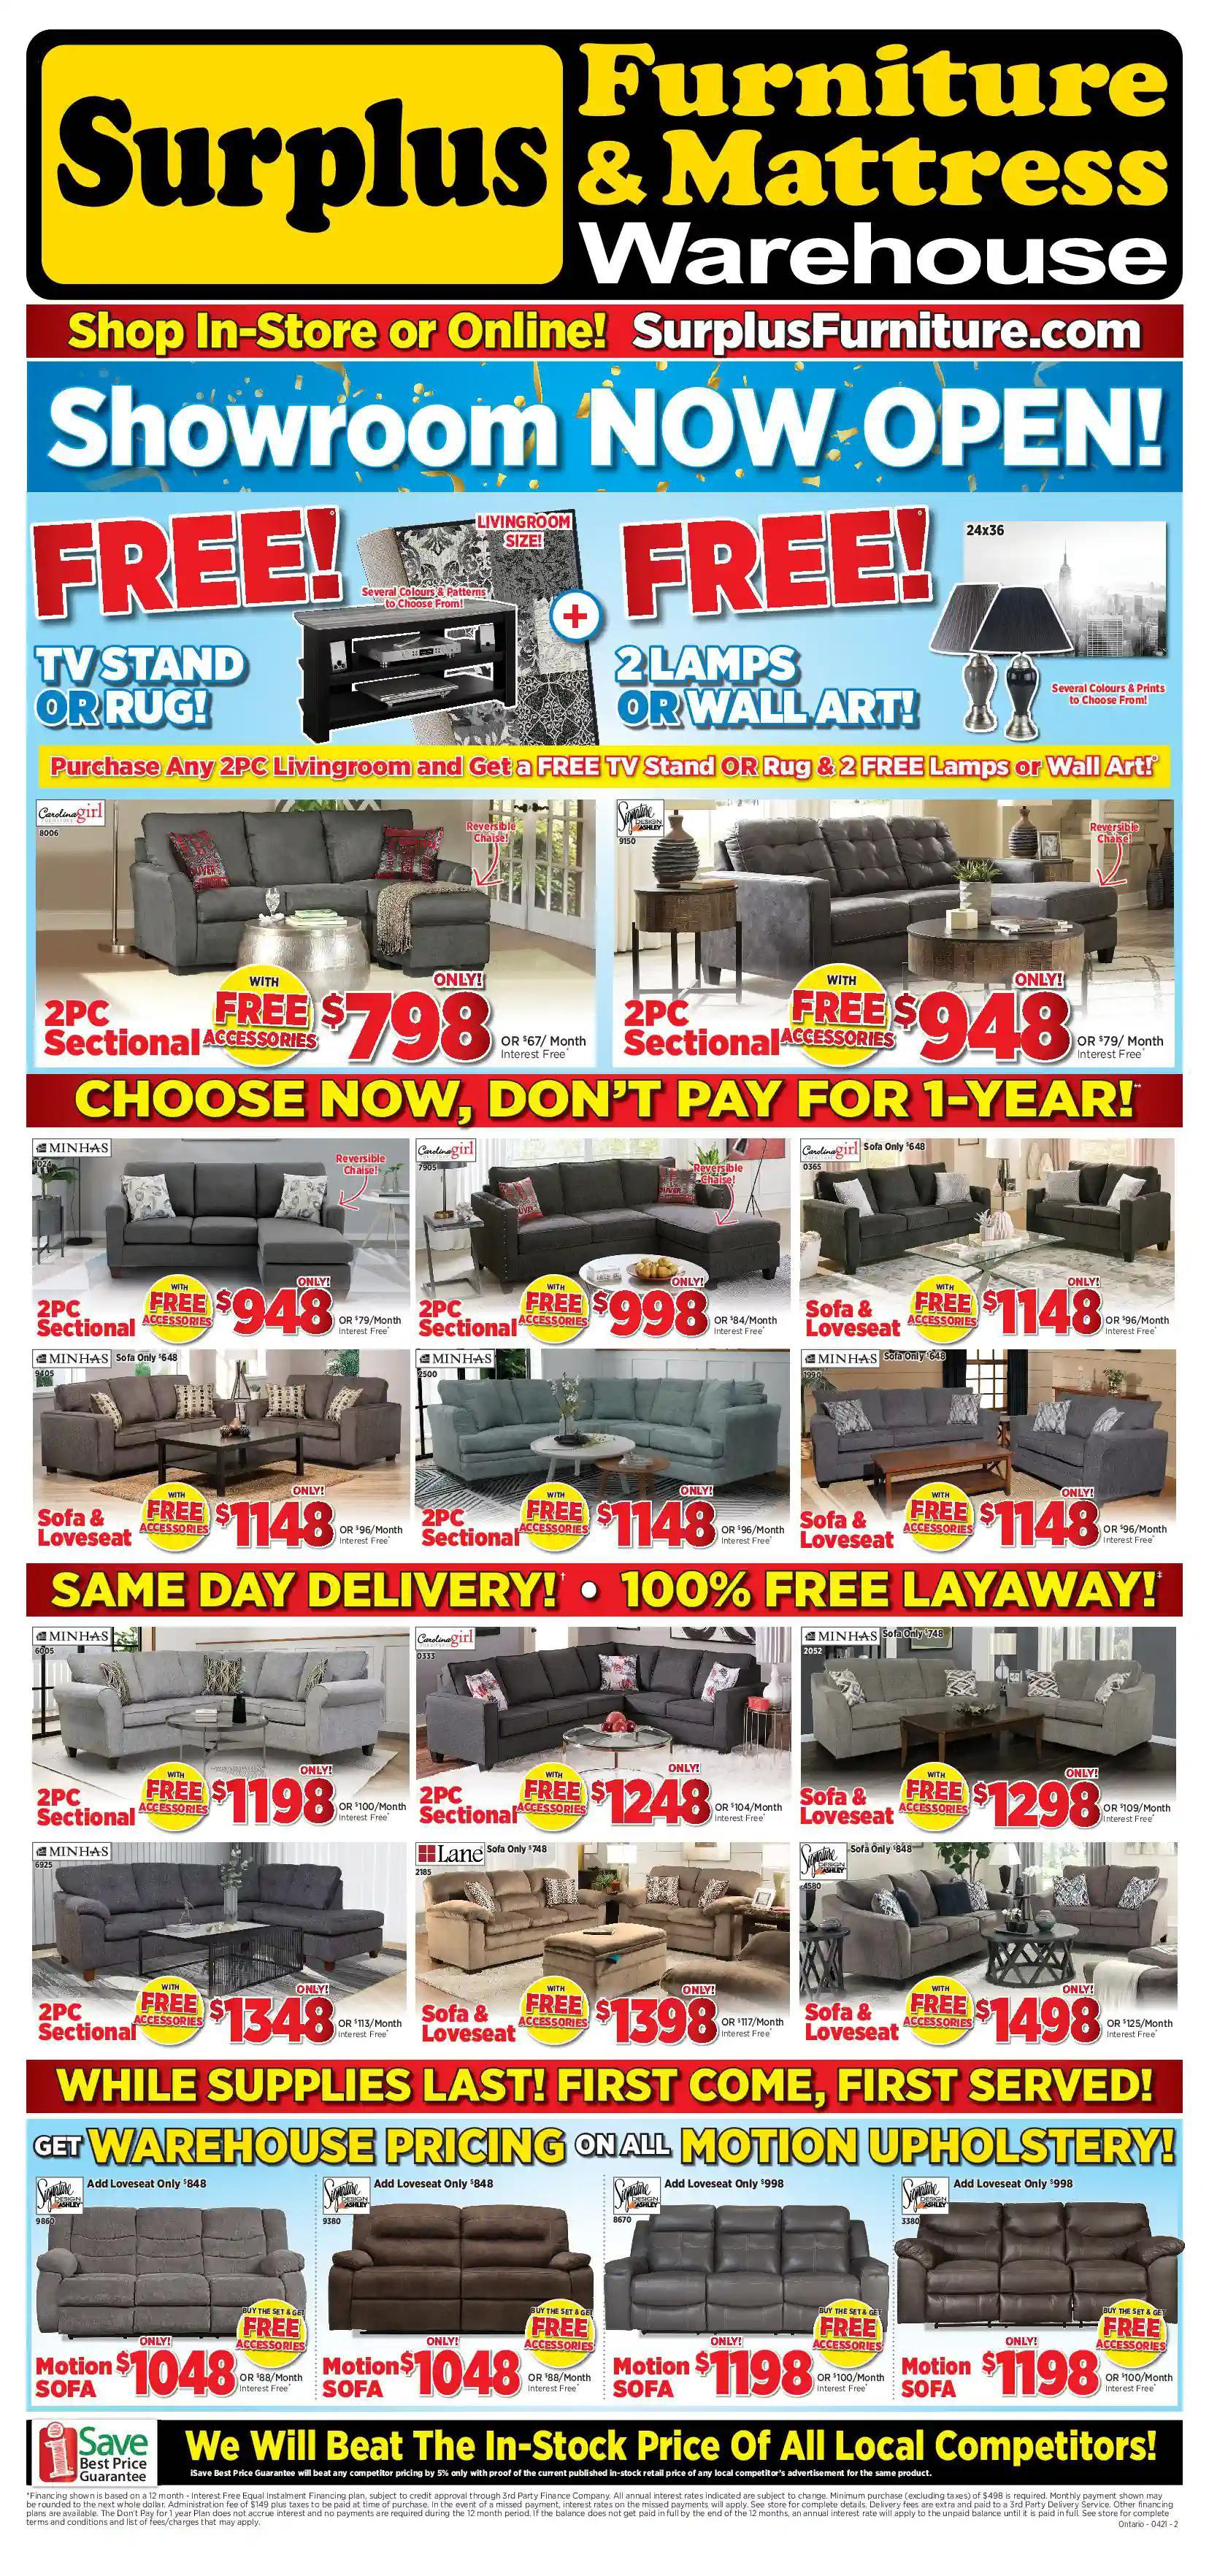 Surplus Furniture & Mattress Warehouse - 4 Weeks of Savings